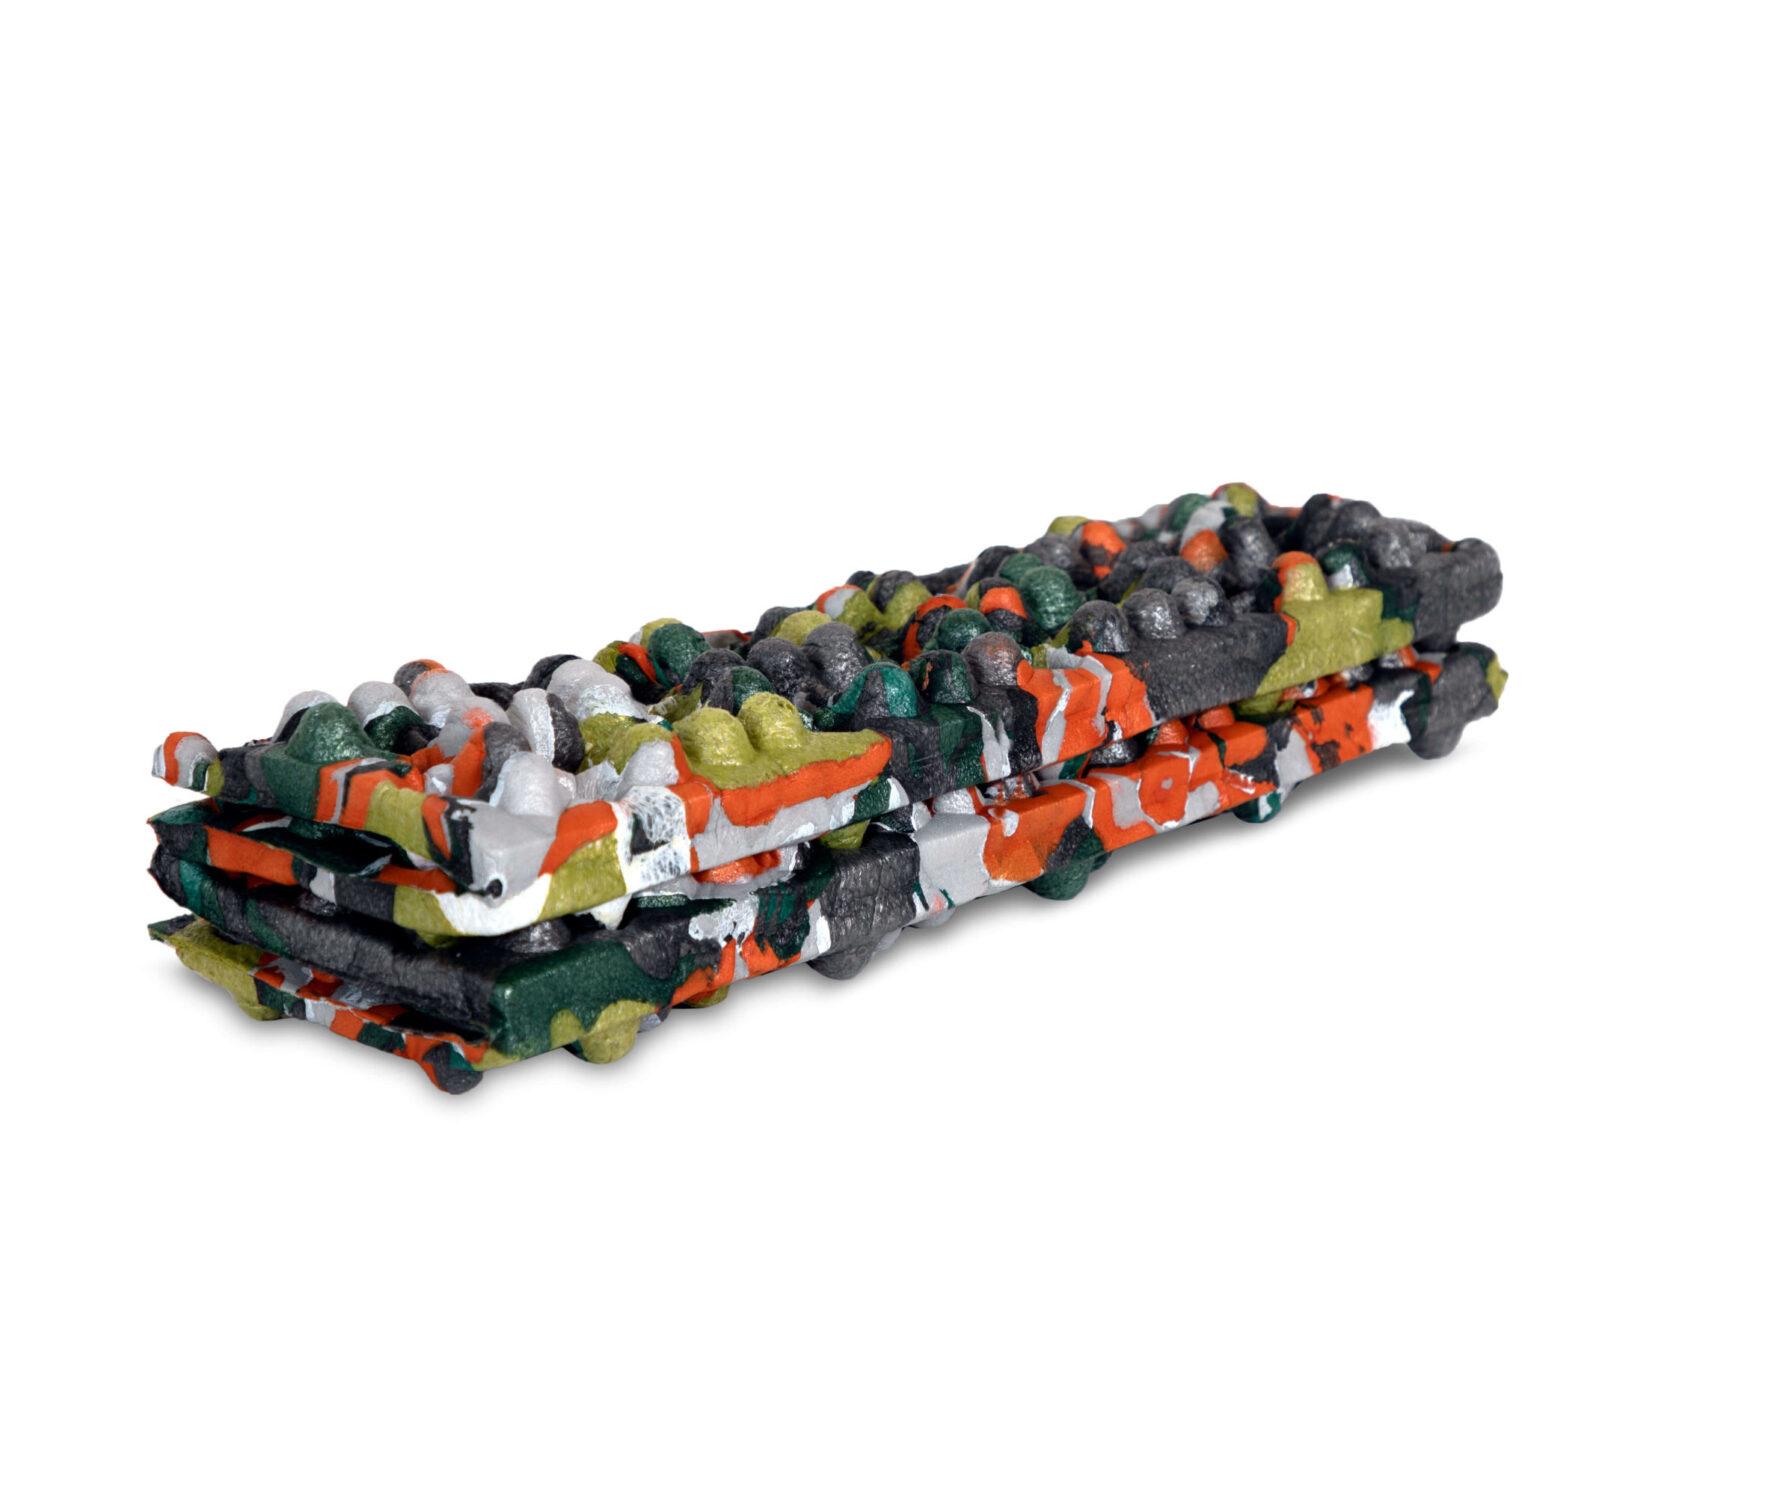 Uniek en duurzaam zitmatje gemaakt van gerecycled restmateriaal van de slaapmatproductie.